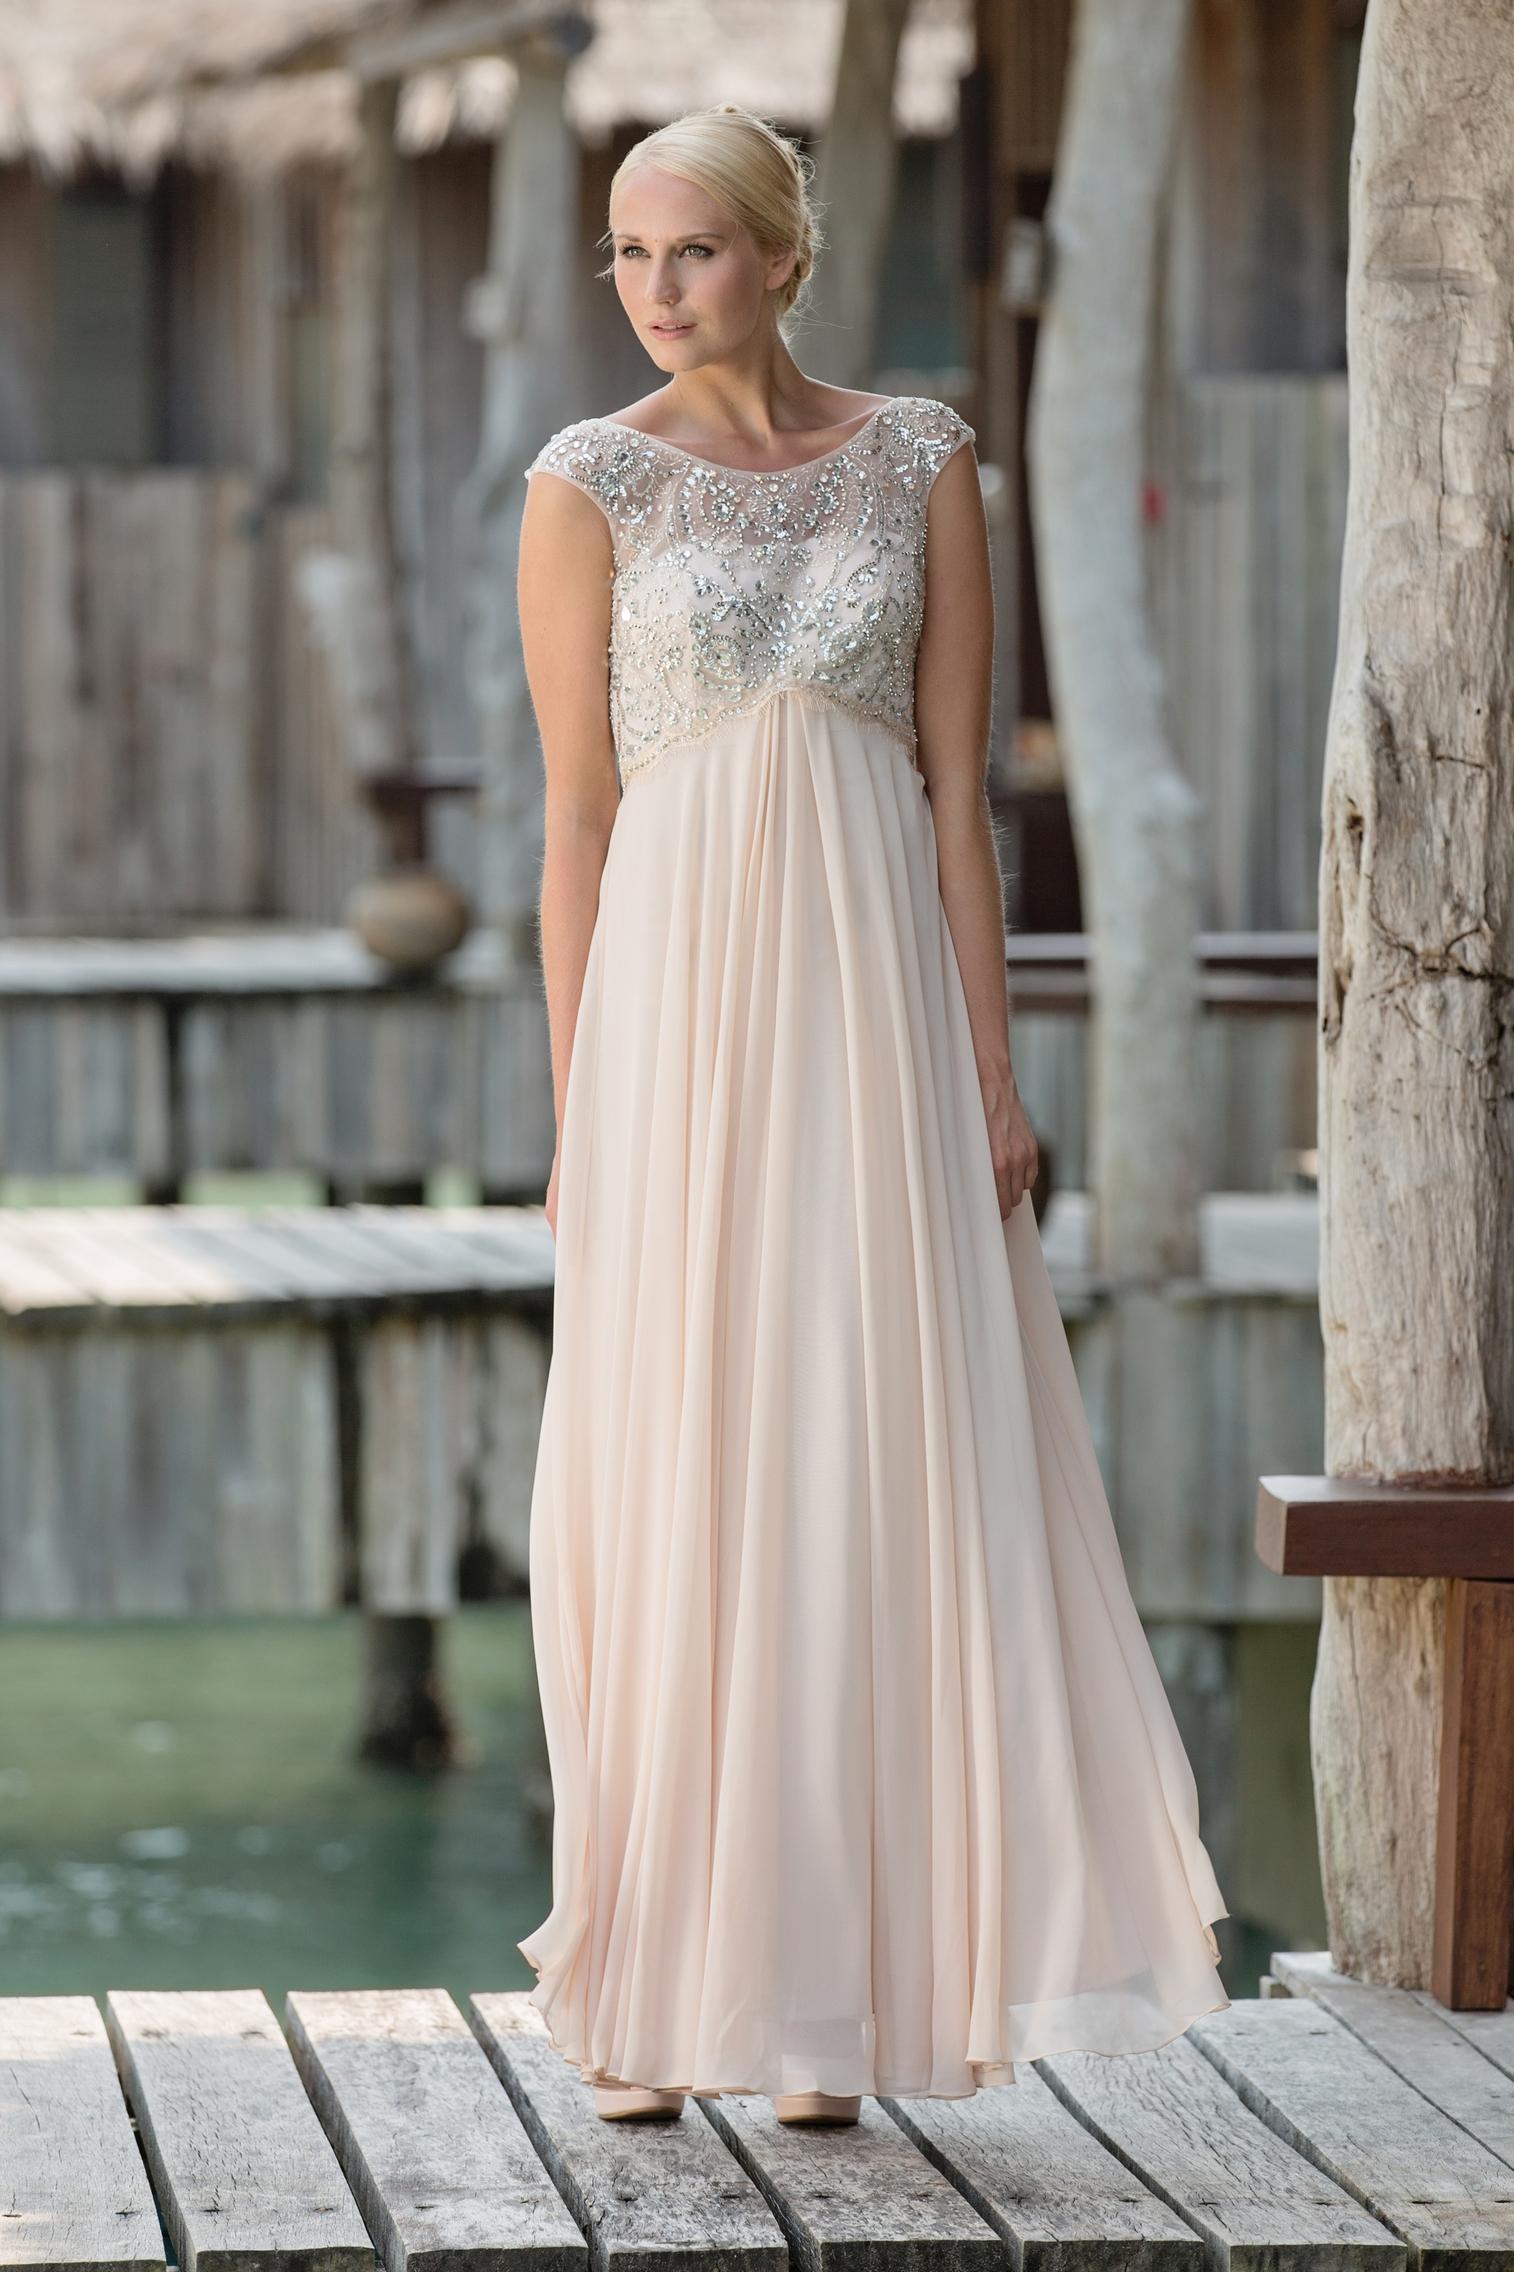 Schön Sprachlos Prom Kleider Bilder - Hochzeit Kleid Stile Ideen ...